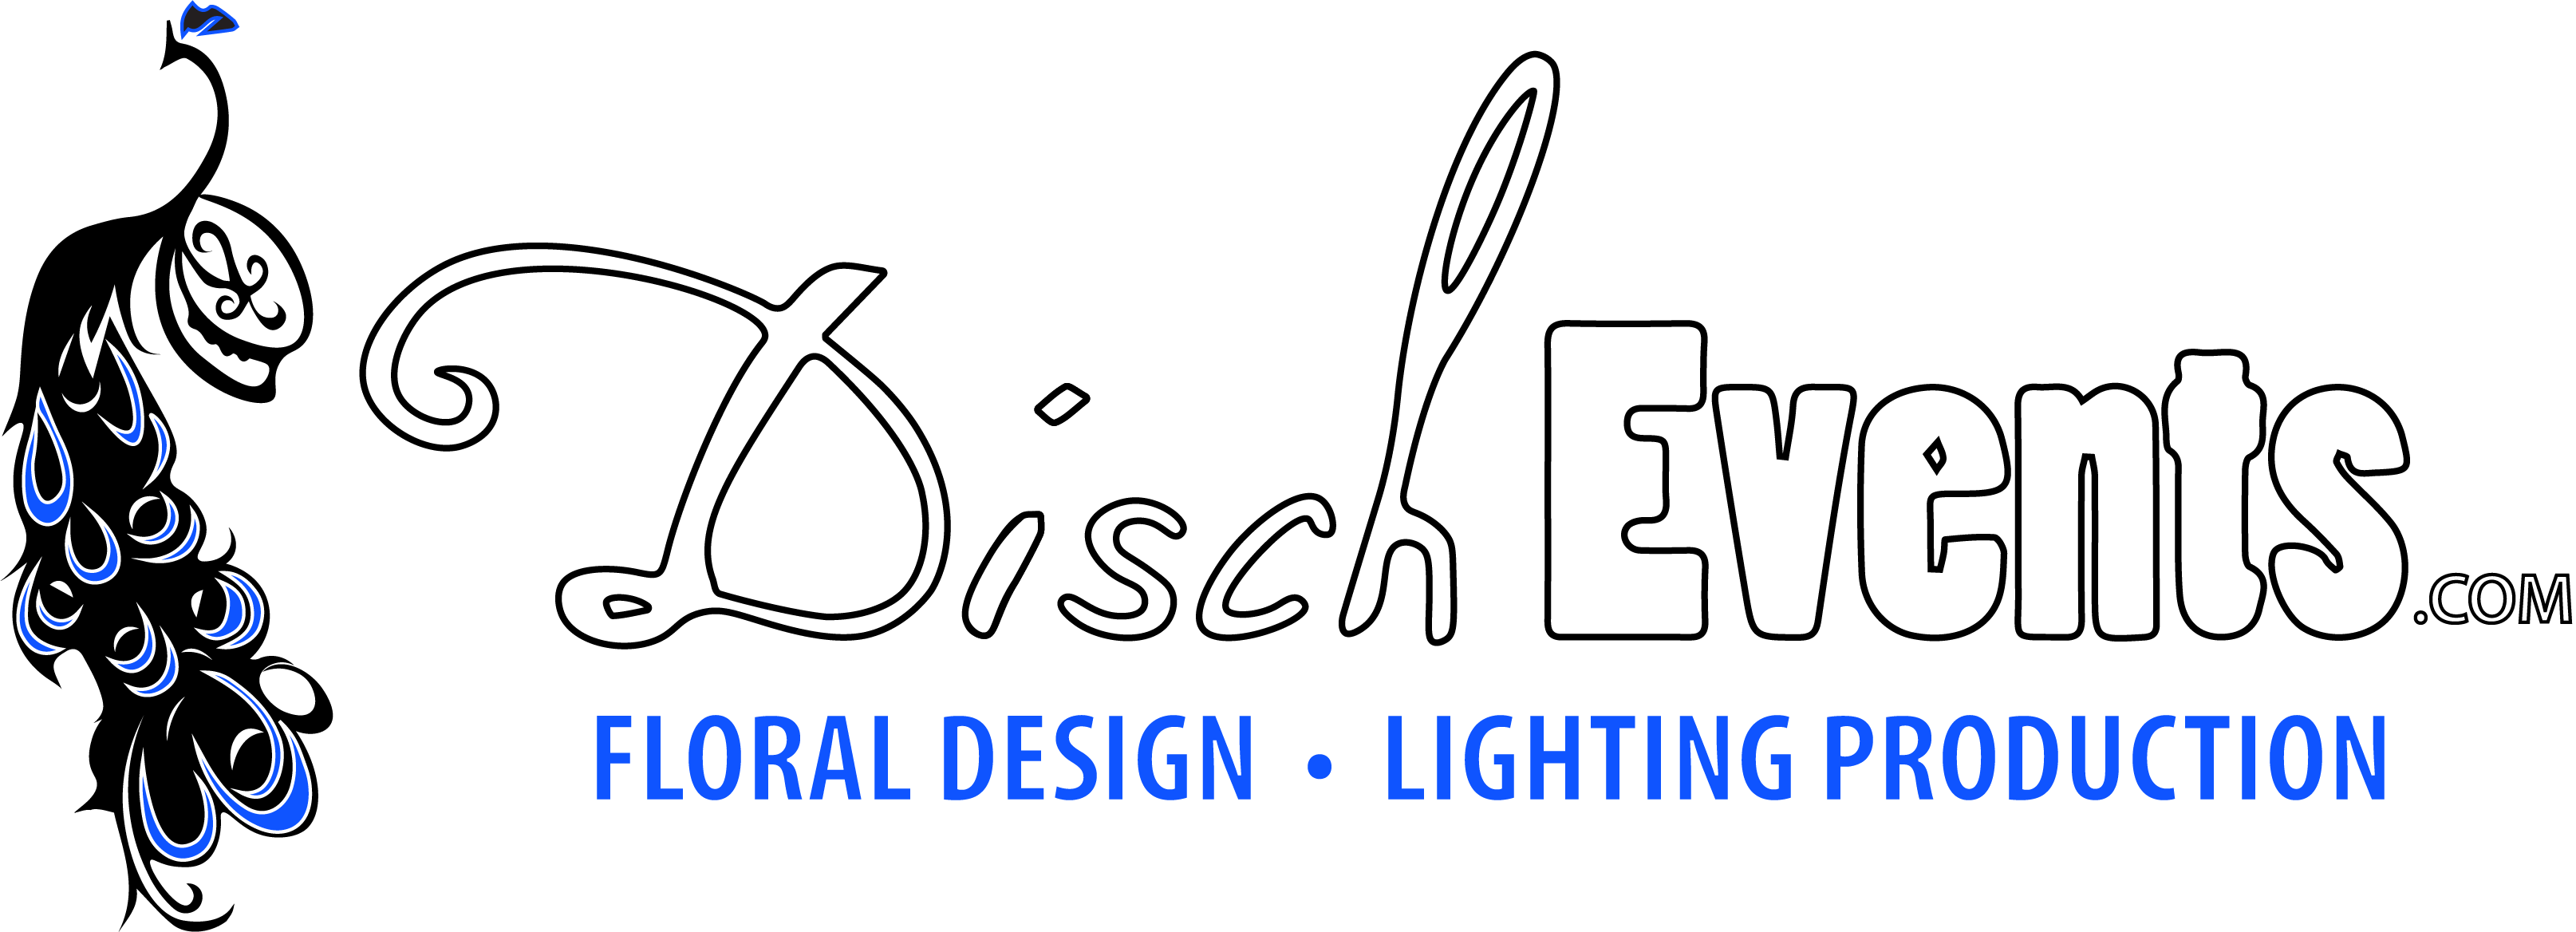 Disch Events